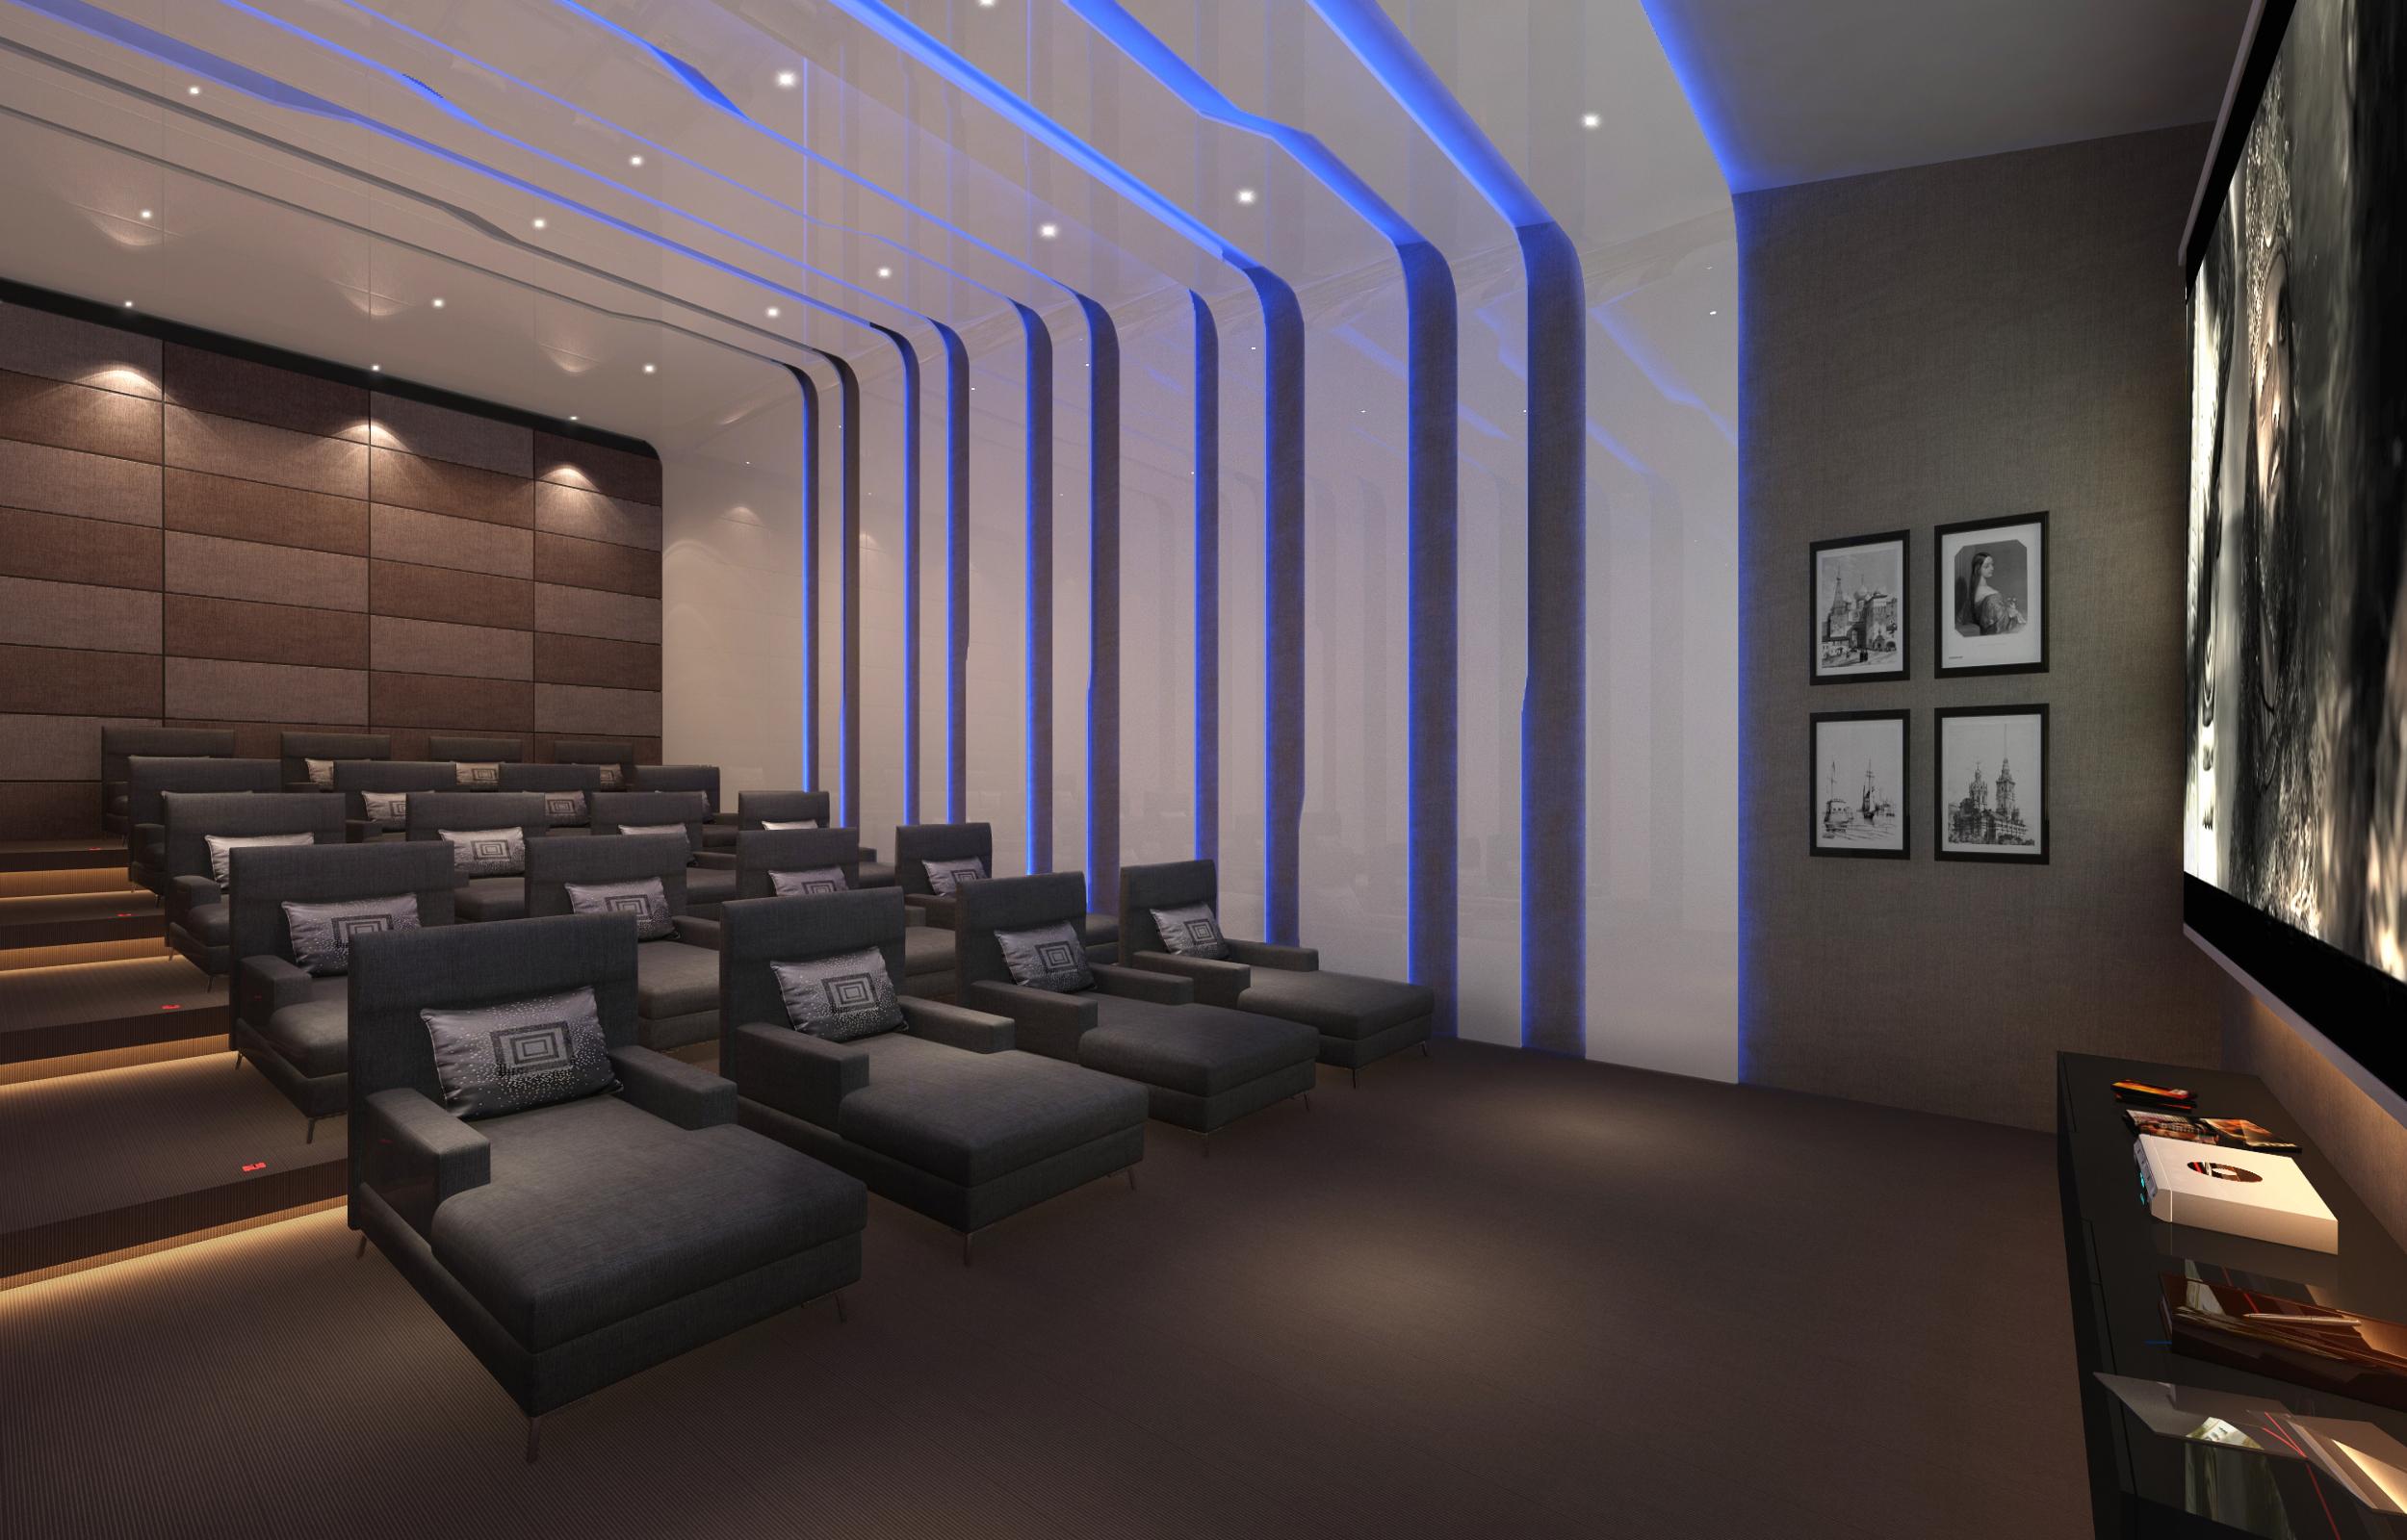 Infinity Theatre